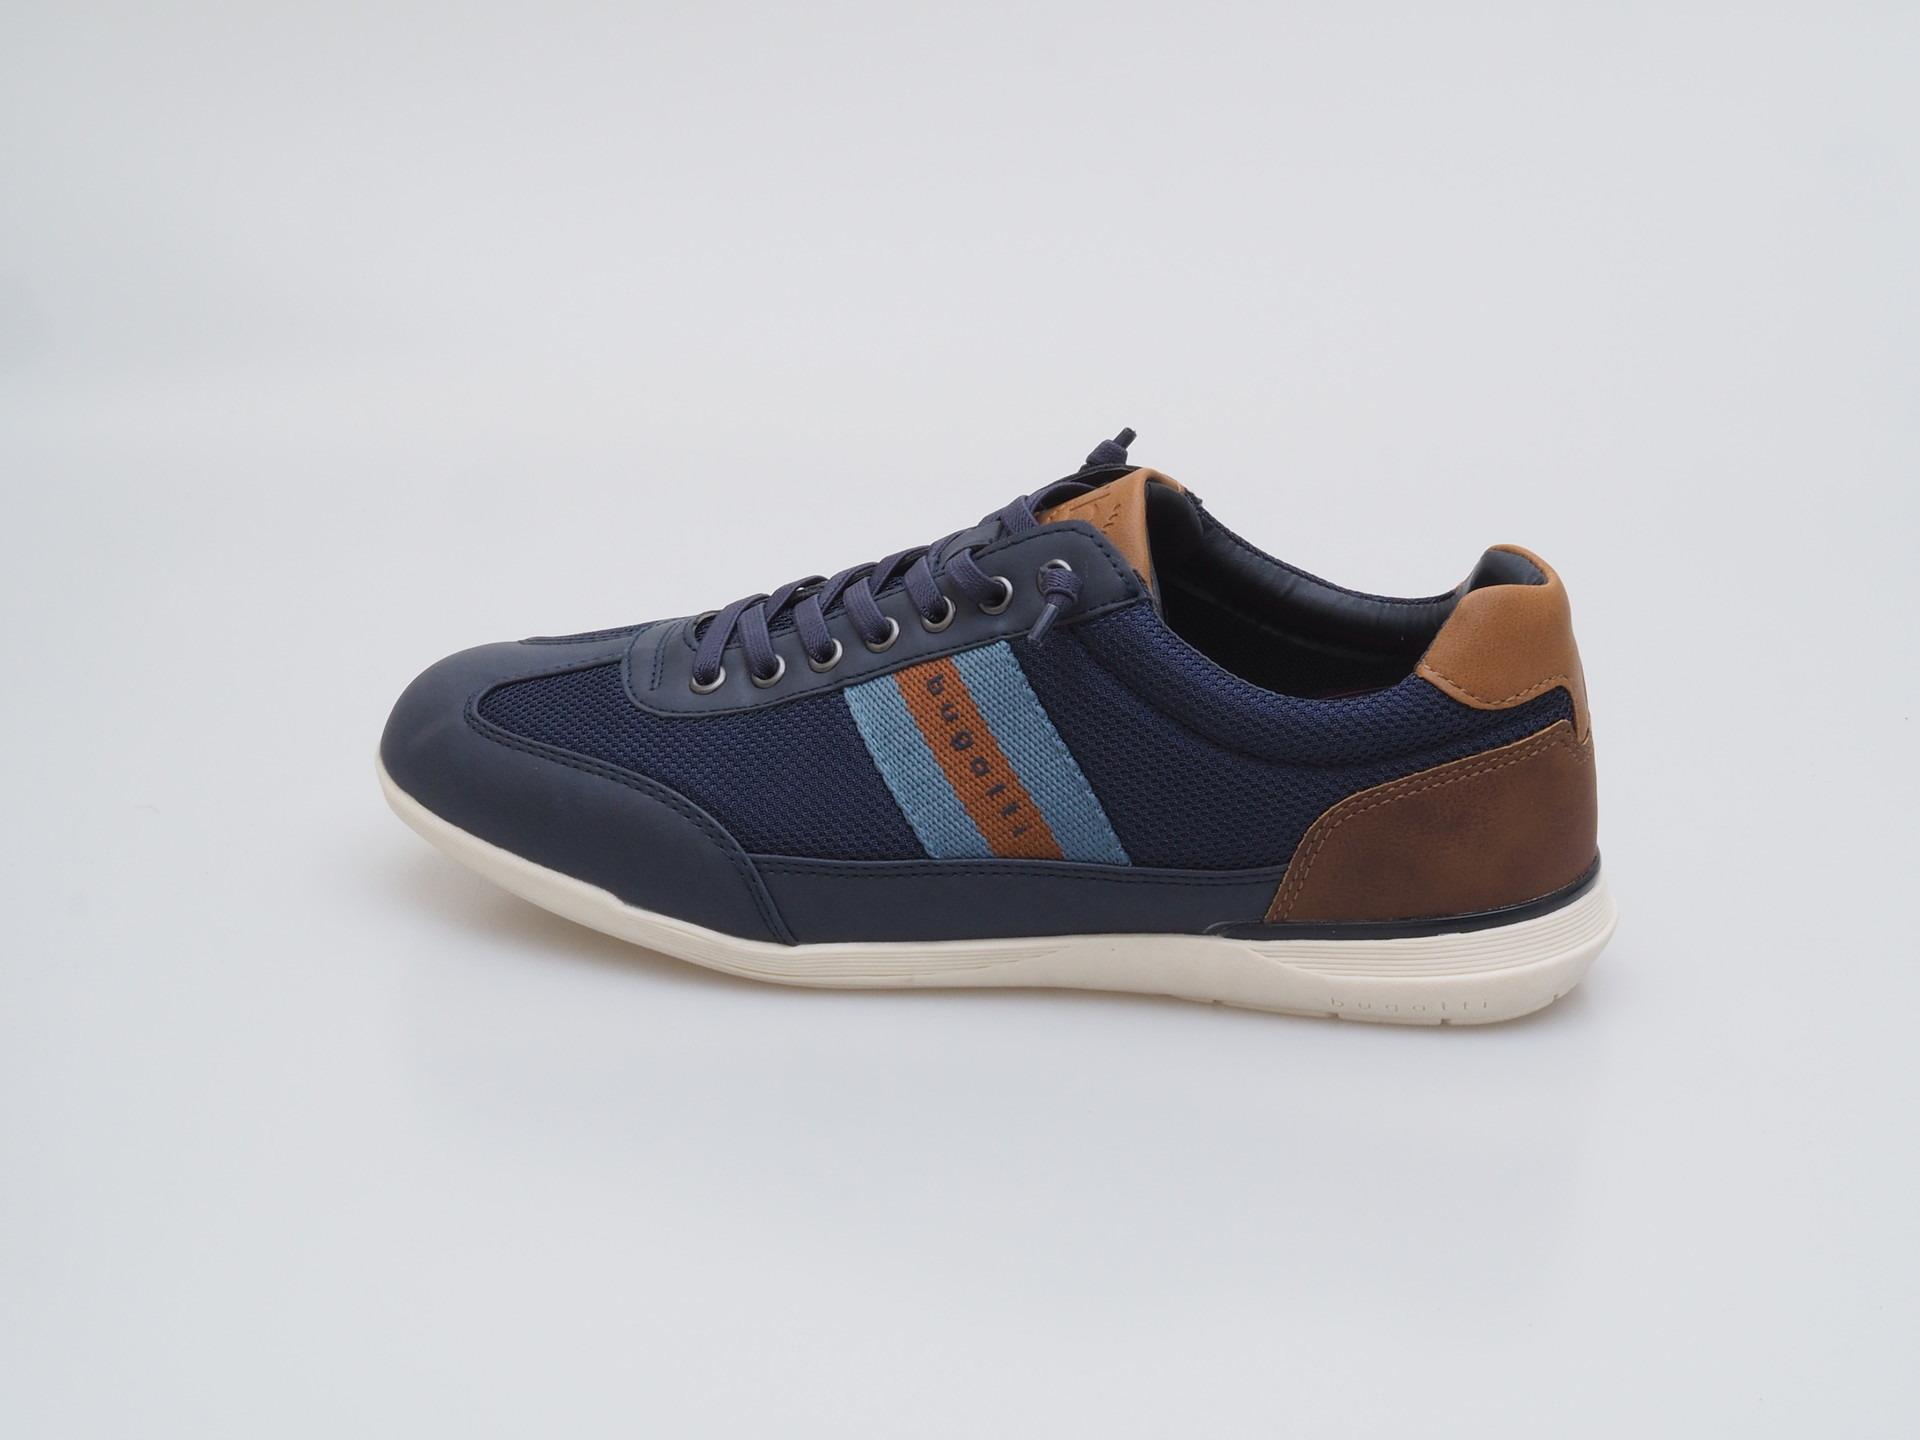 Soňa - Pánska obuv - Tenisky - Modrá pánska športová obuv značky Bugatti b17b99a0f8